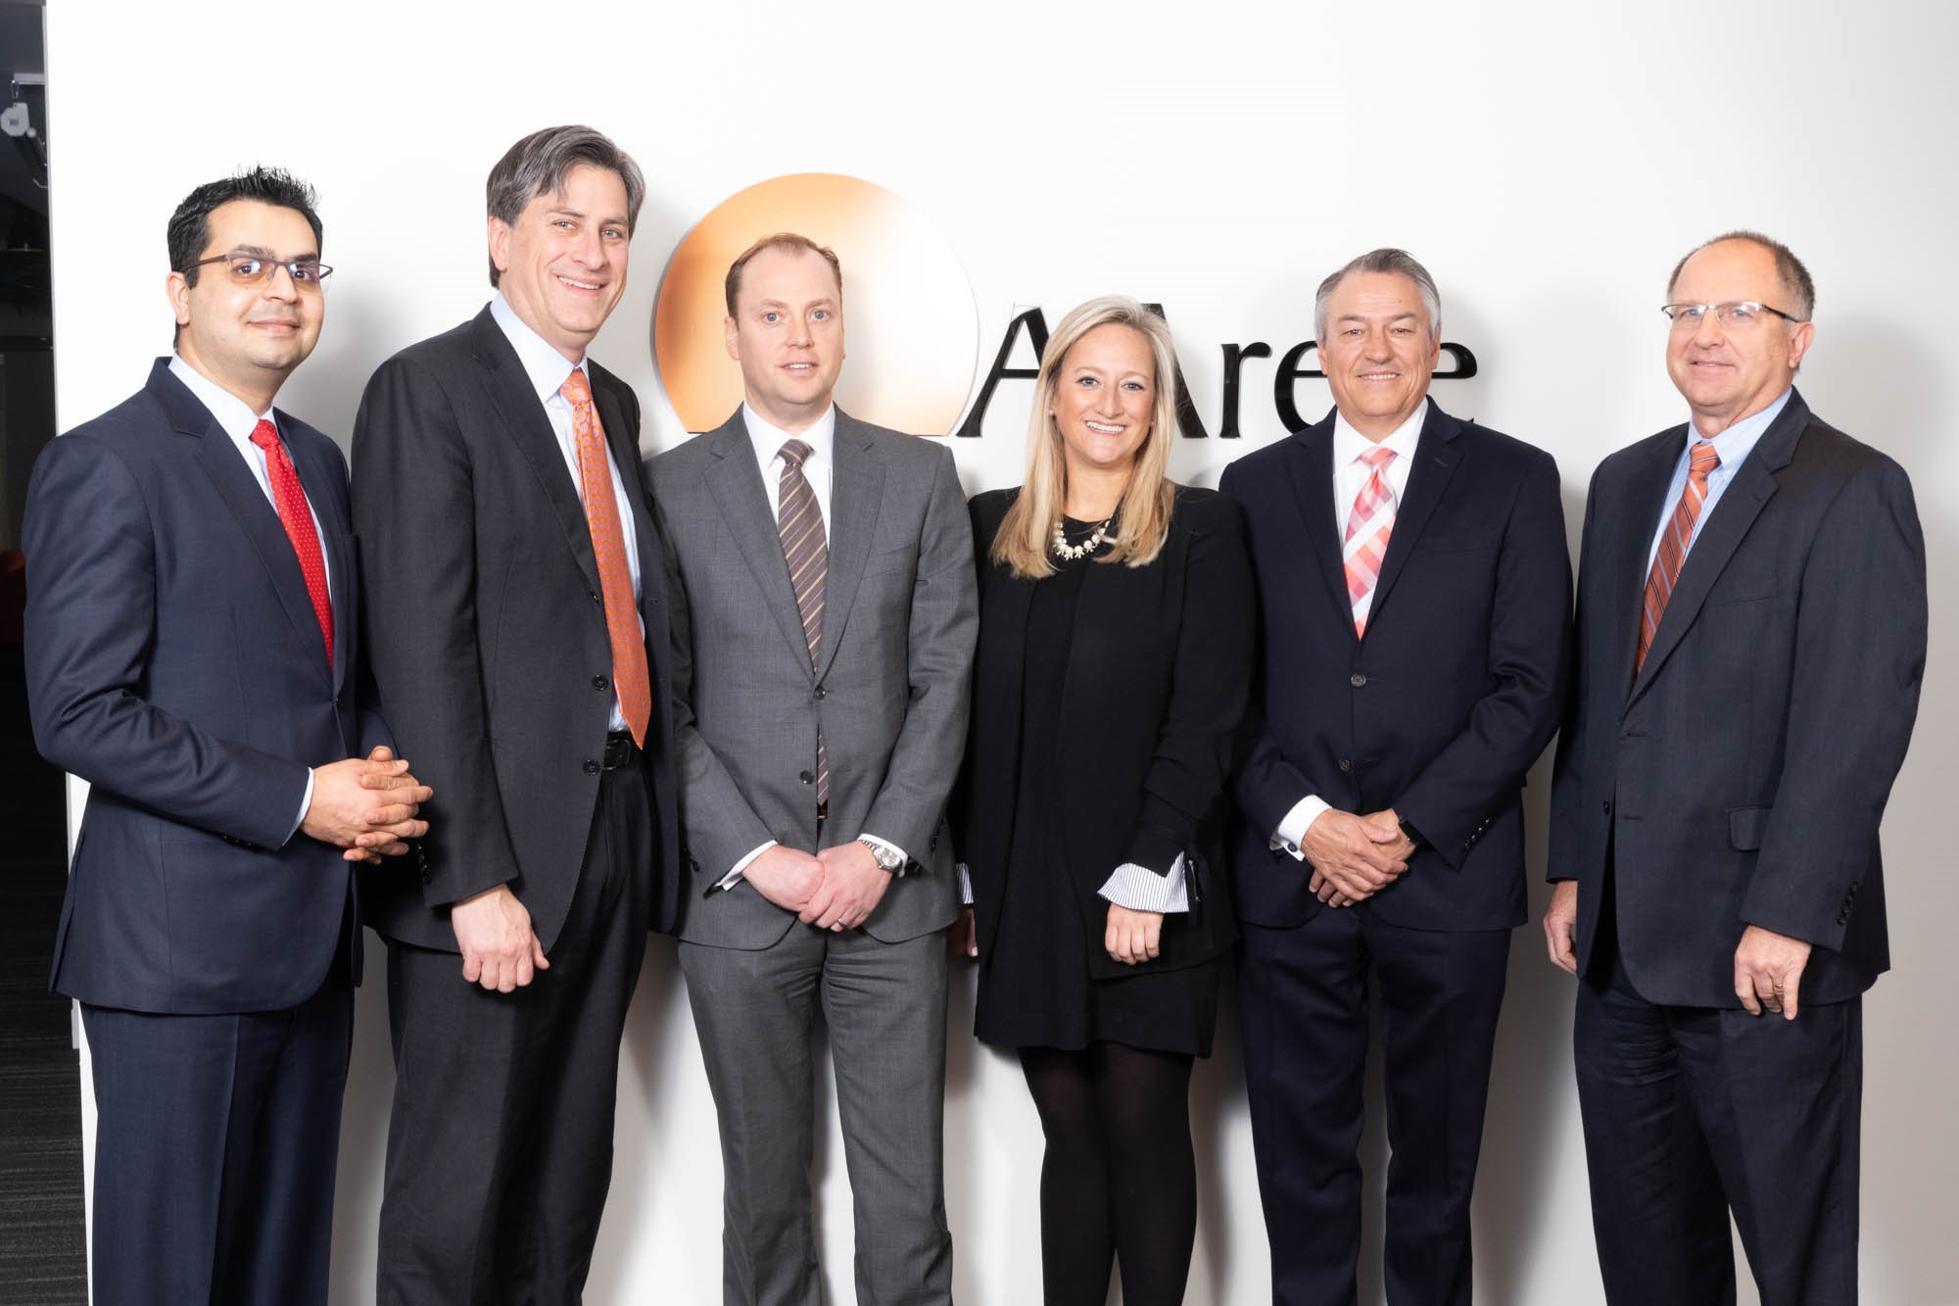 Part of AArete's leadership team